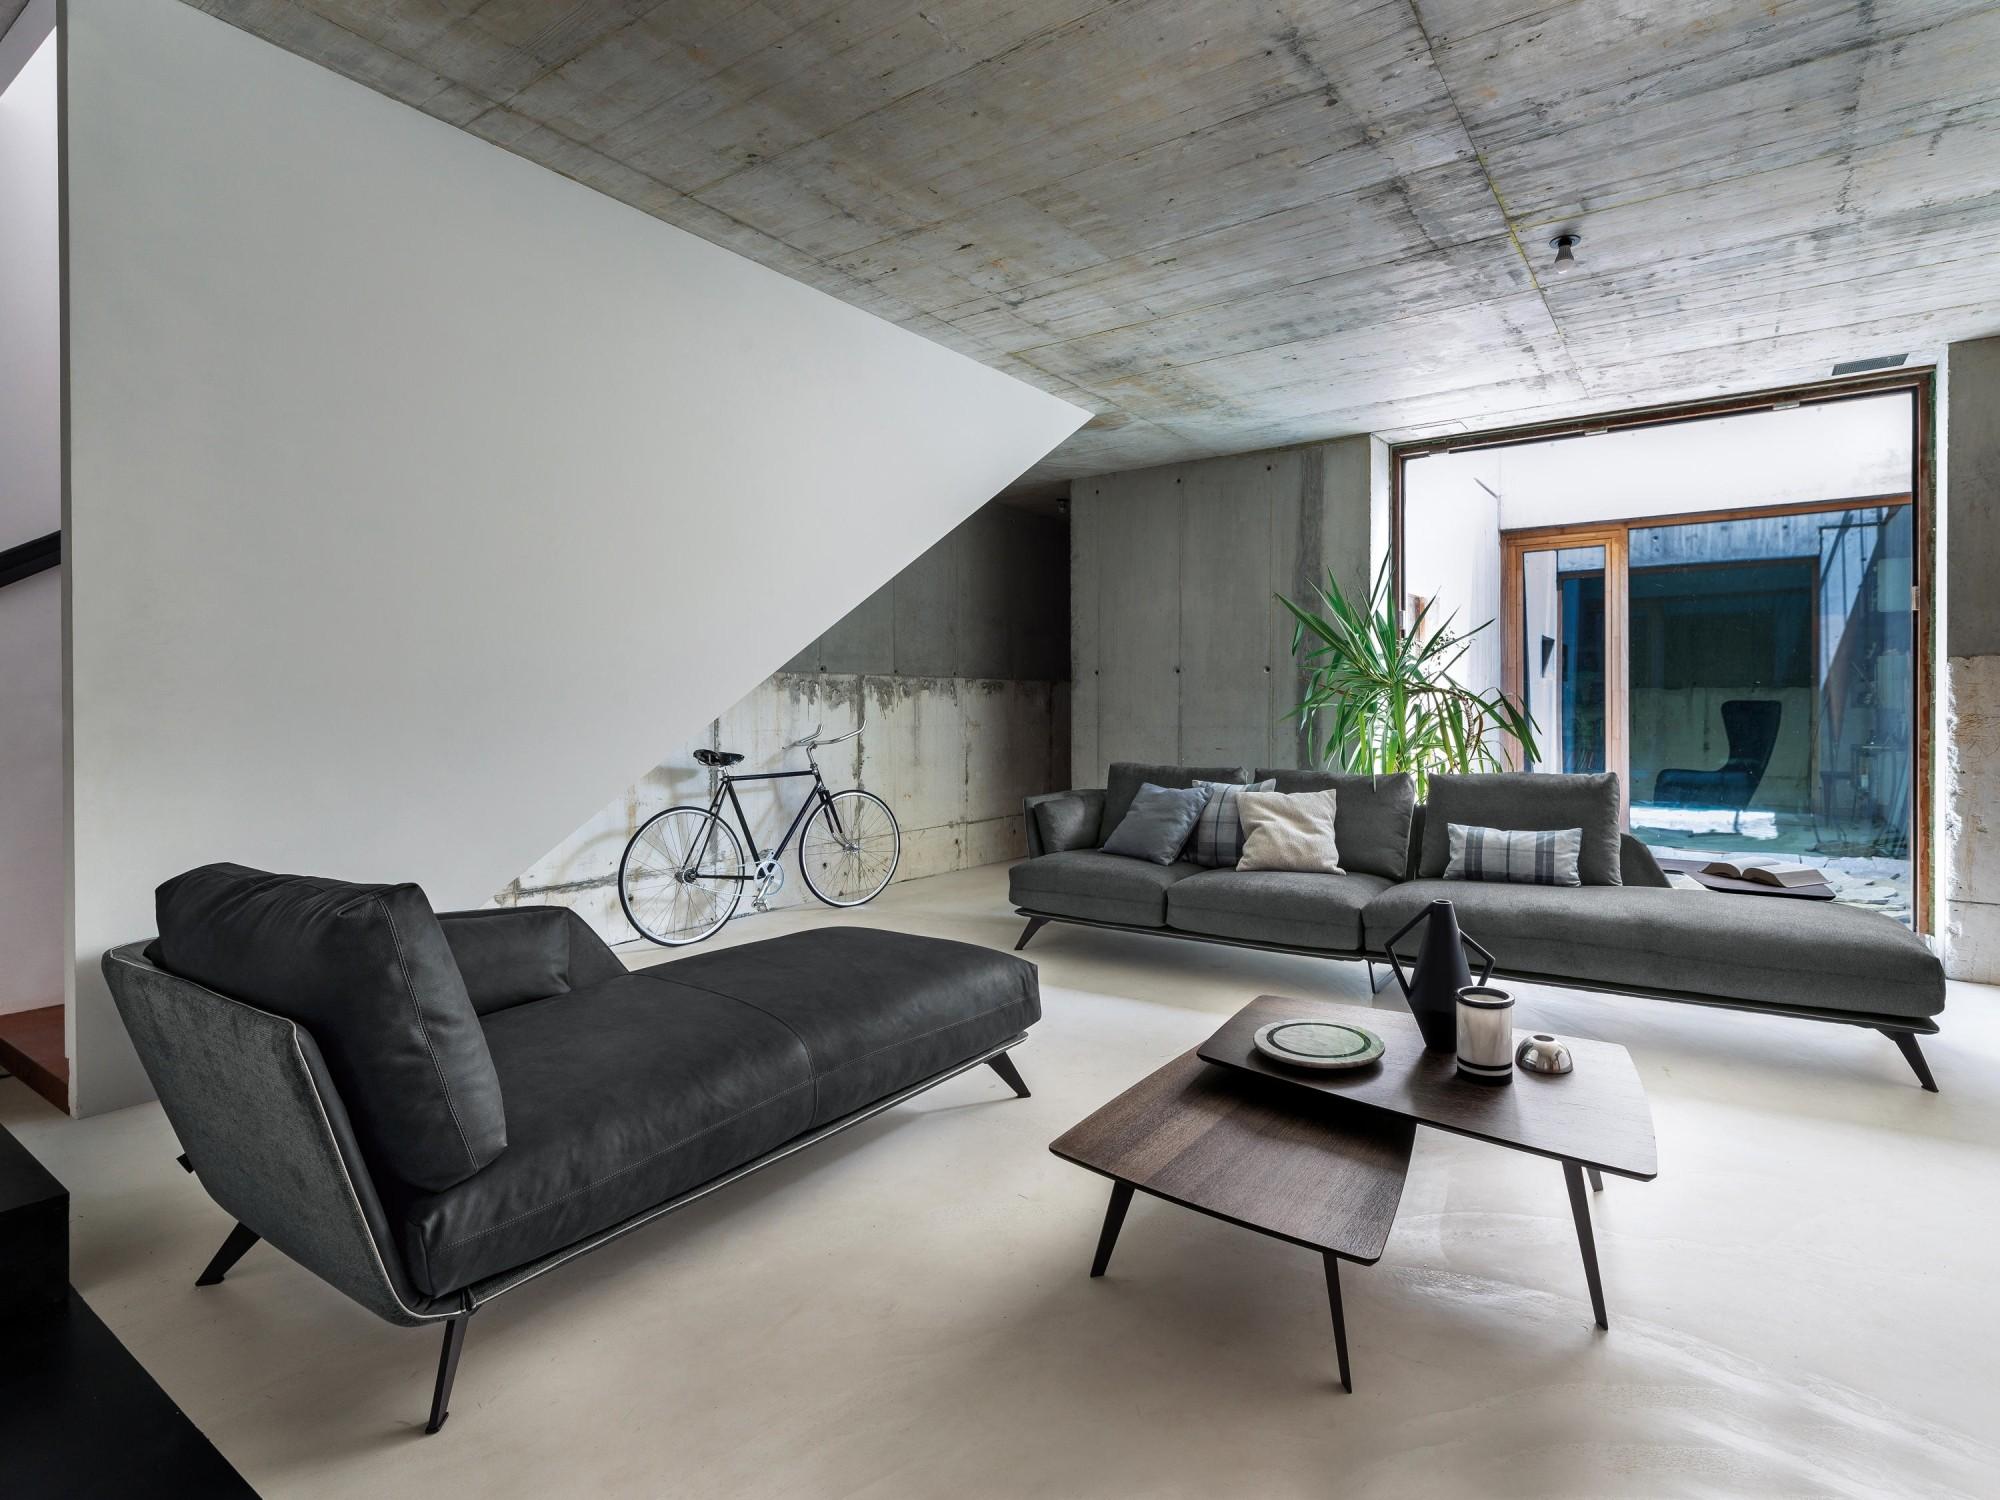 Morrison bank arketipo puur design interieur